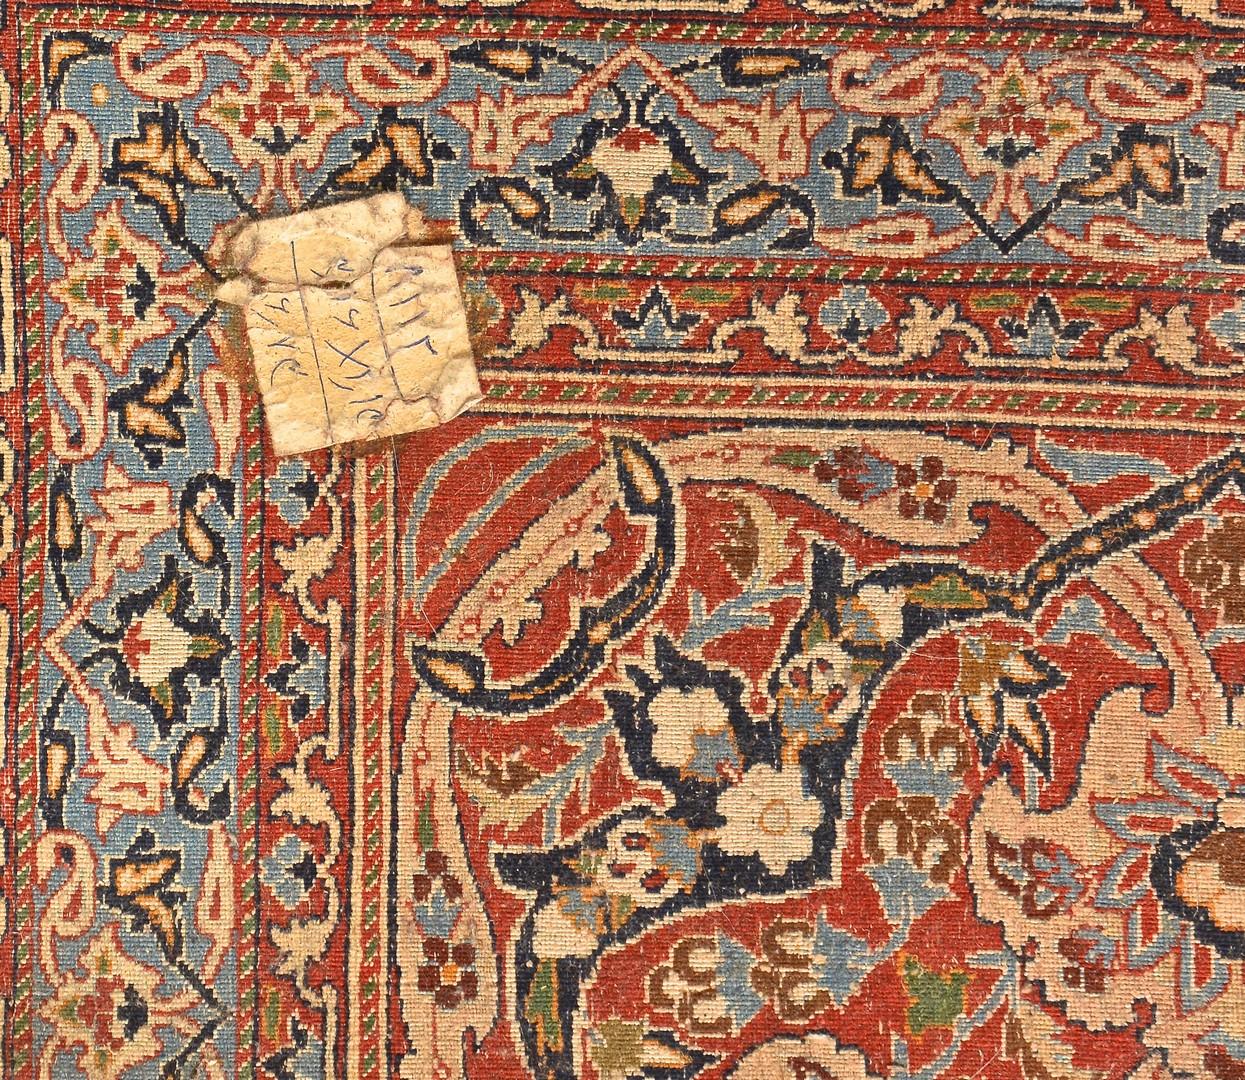 Lot 247: Fine Persian Nain or Isfahan Rug